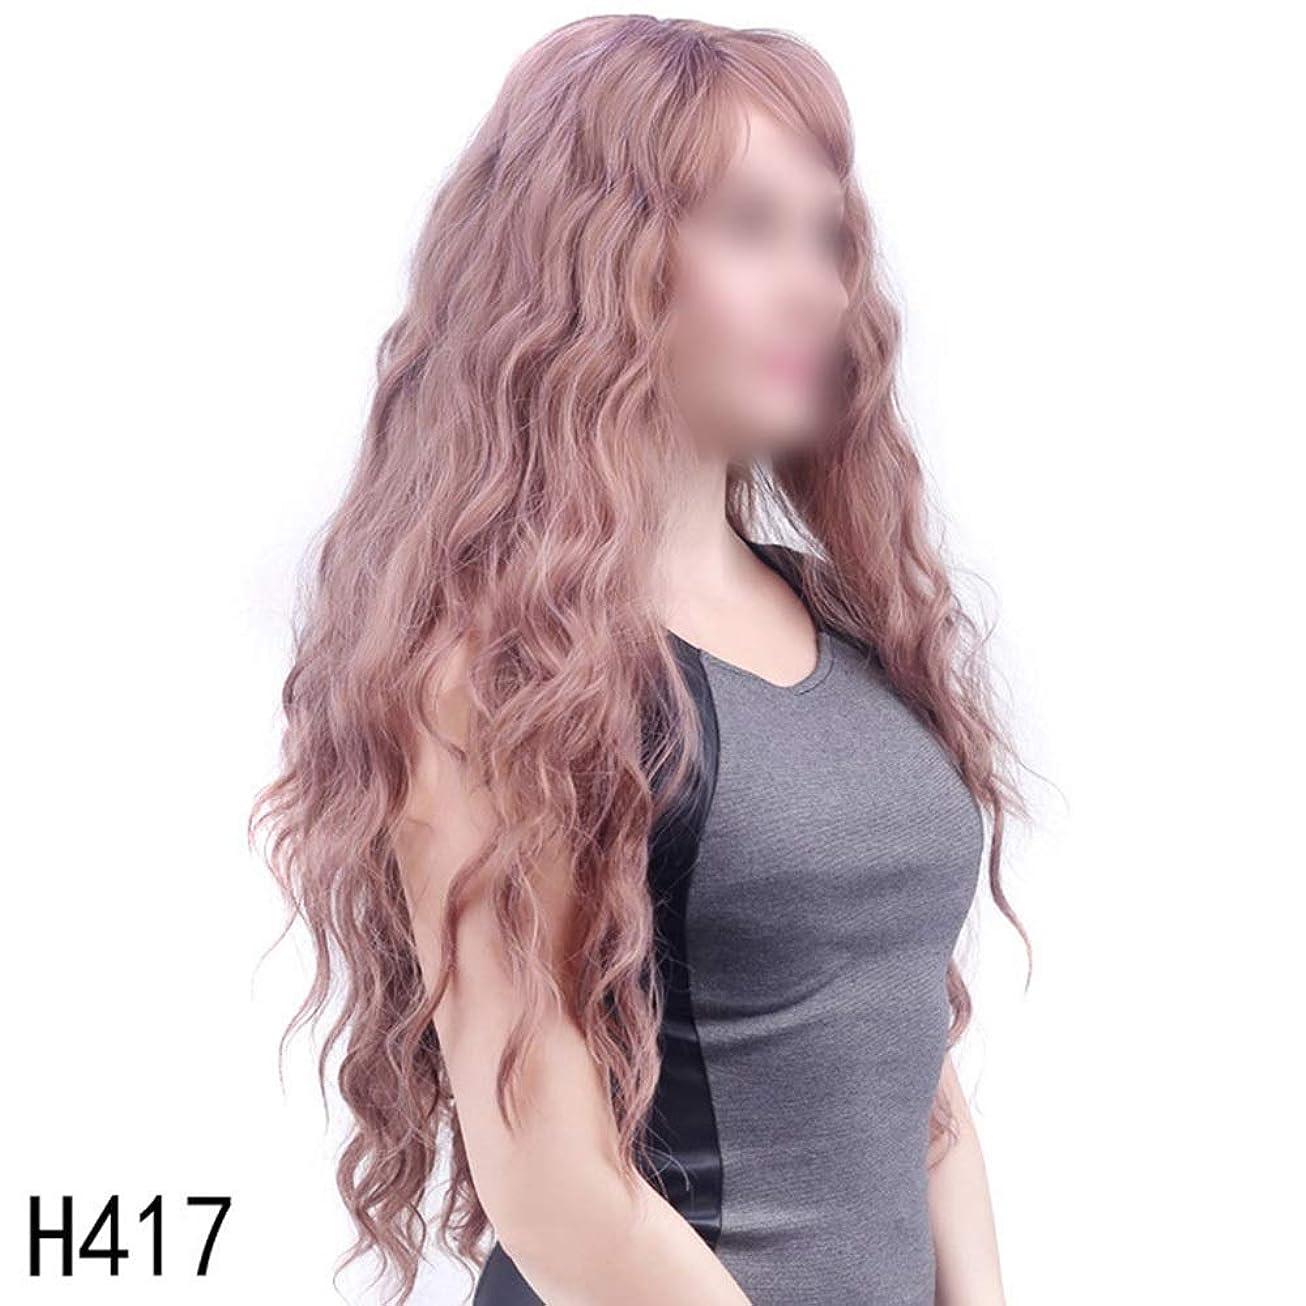 負担暗殺番号かつら 女性の水の波紋との長い巻き毛の前髪かつら自然なふわふわの毎日のドレスパーティーかつら (色 : 紫の, サイズ : 70cm)